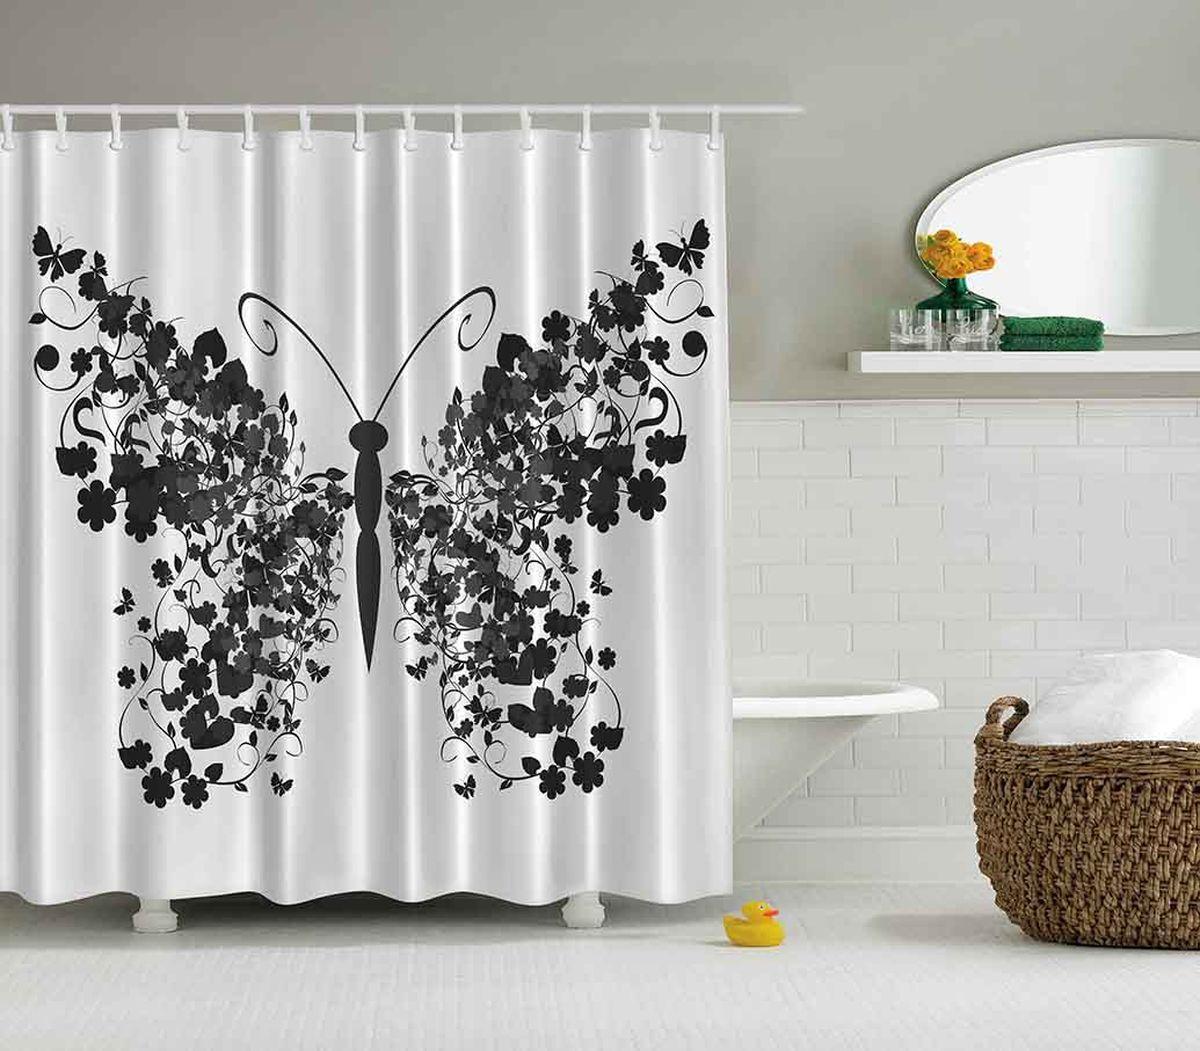 Штора для ванной комнаты Magic Lady Черная бабочка, 180 х 200 смшв_12249Штора Magic Lady Черная бабочка, изготовленная из высококачественного сатена (полиэстер 100%), отлично дополнит любой интерьер ванной комнаты. При изготовлении используются специальные гипоаллергенные чернила для прямой печати по ткани, безопасные для человека.В комплекте: 1 штора, 12 крючков. Обращаем ваше внимание, фактический цвет изделия может незначительно отличаться от представленного на фото.